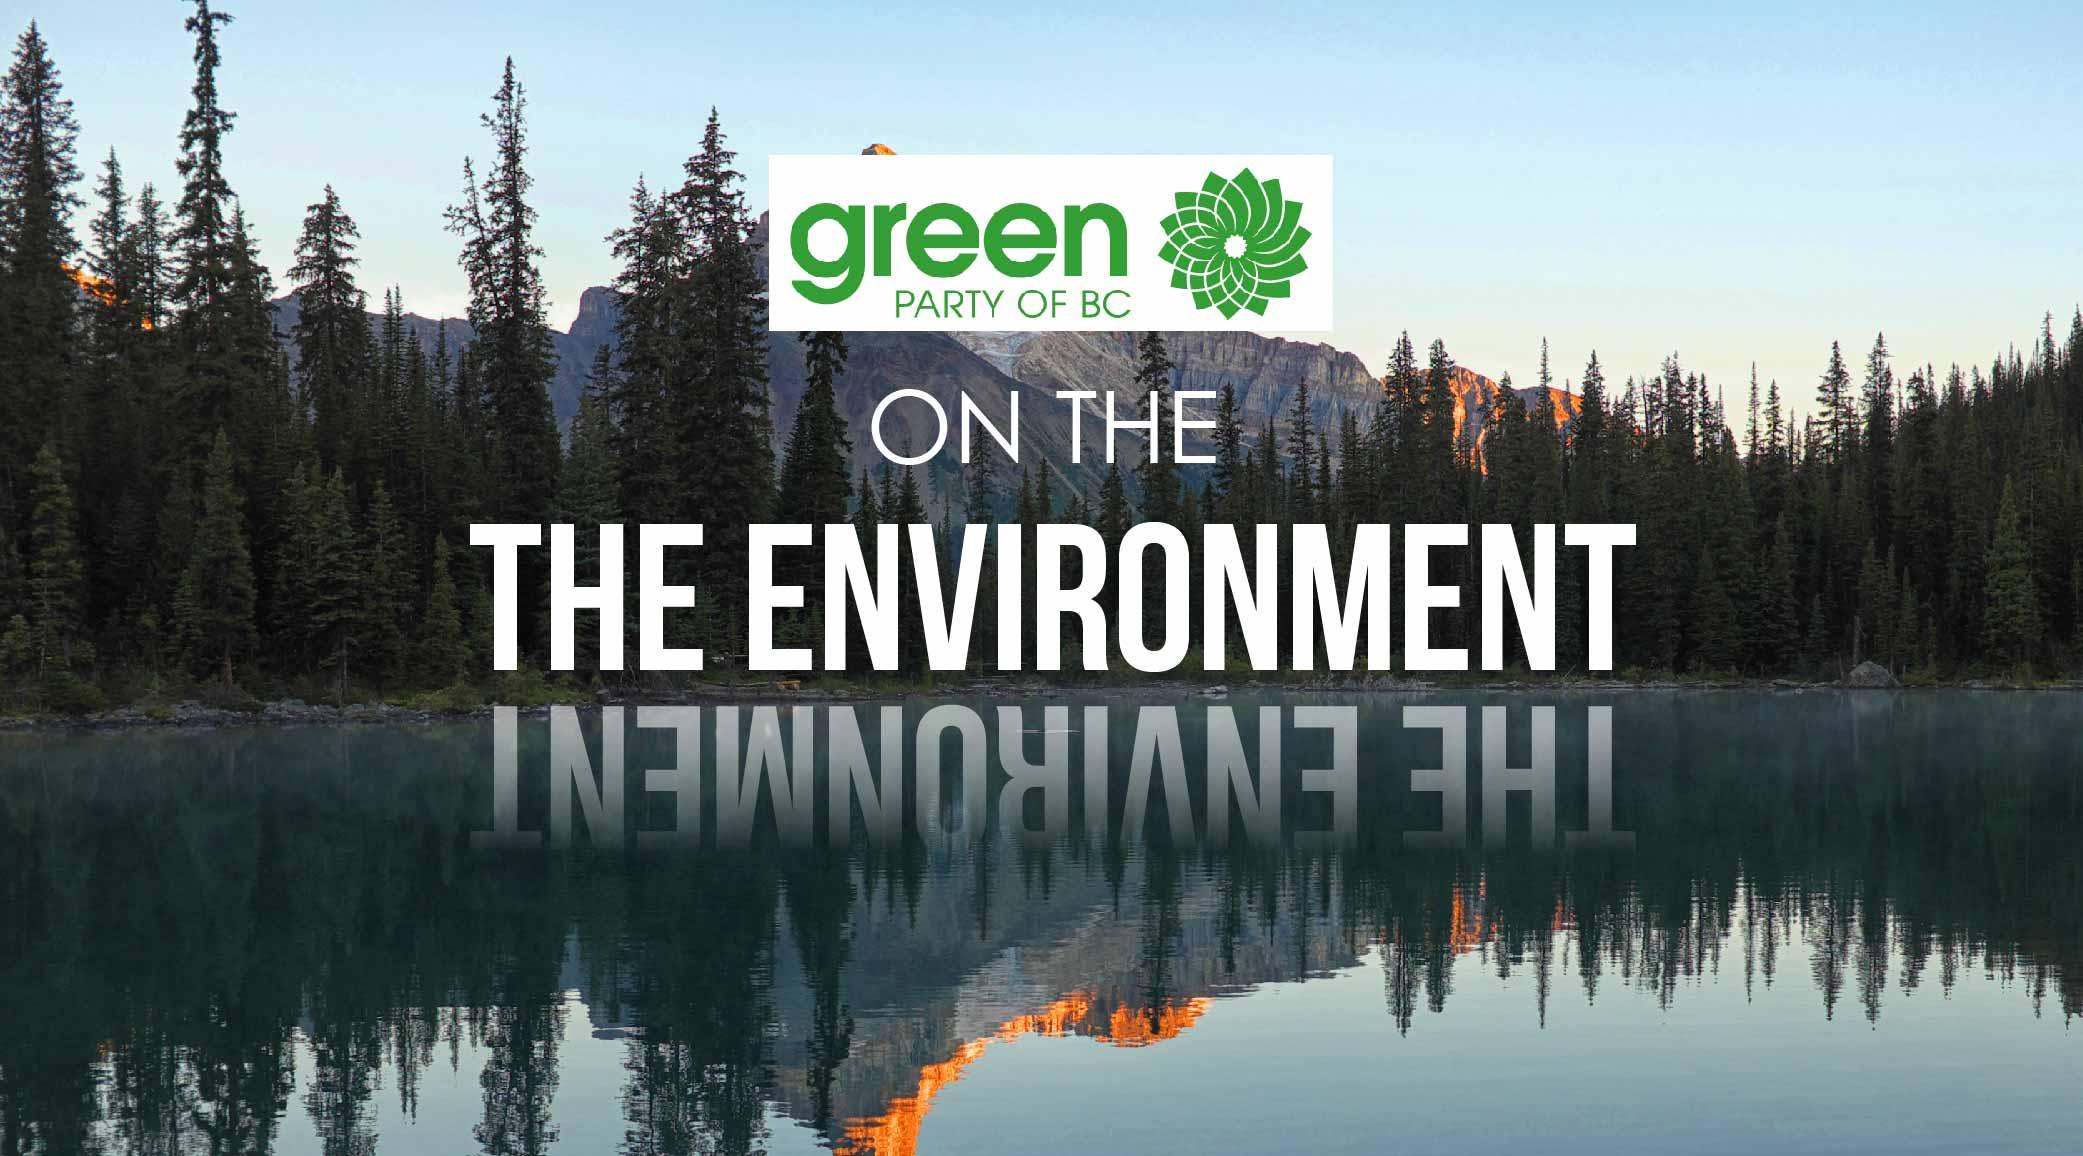 Greens environment